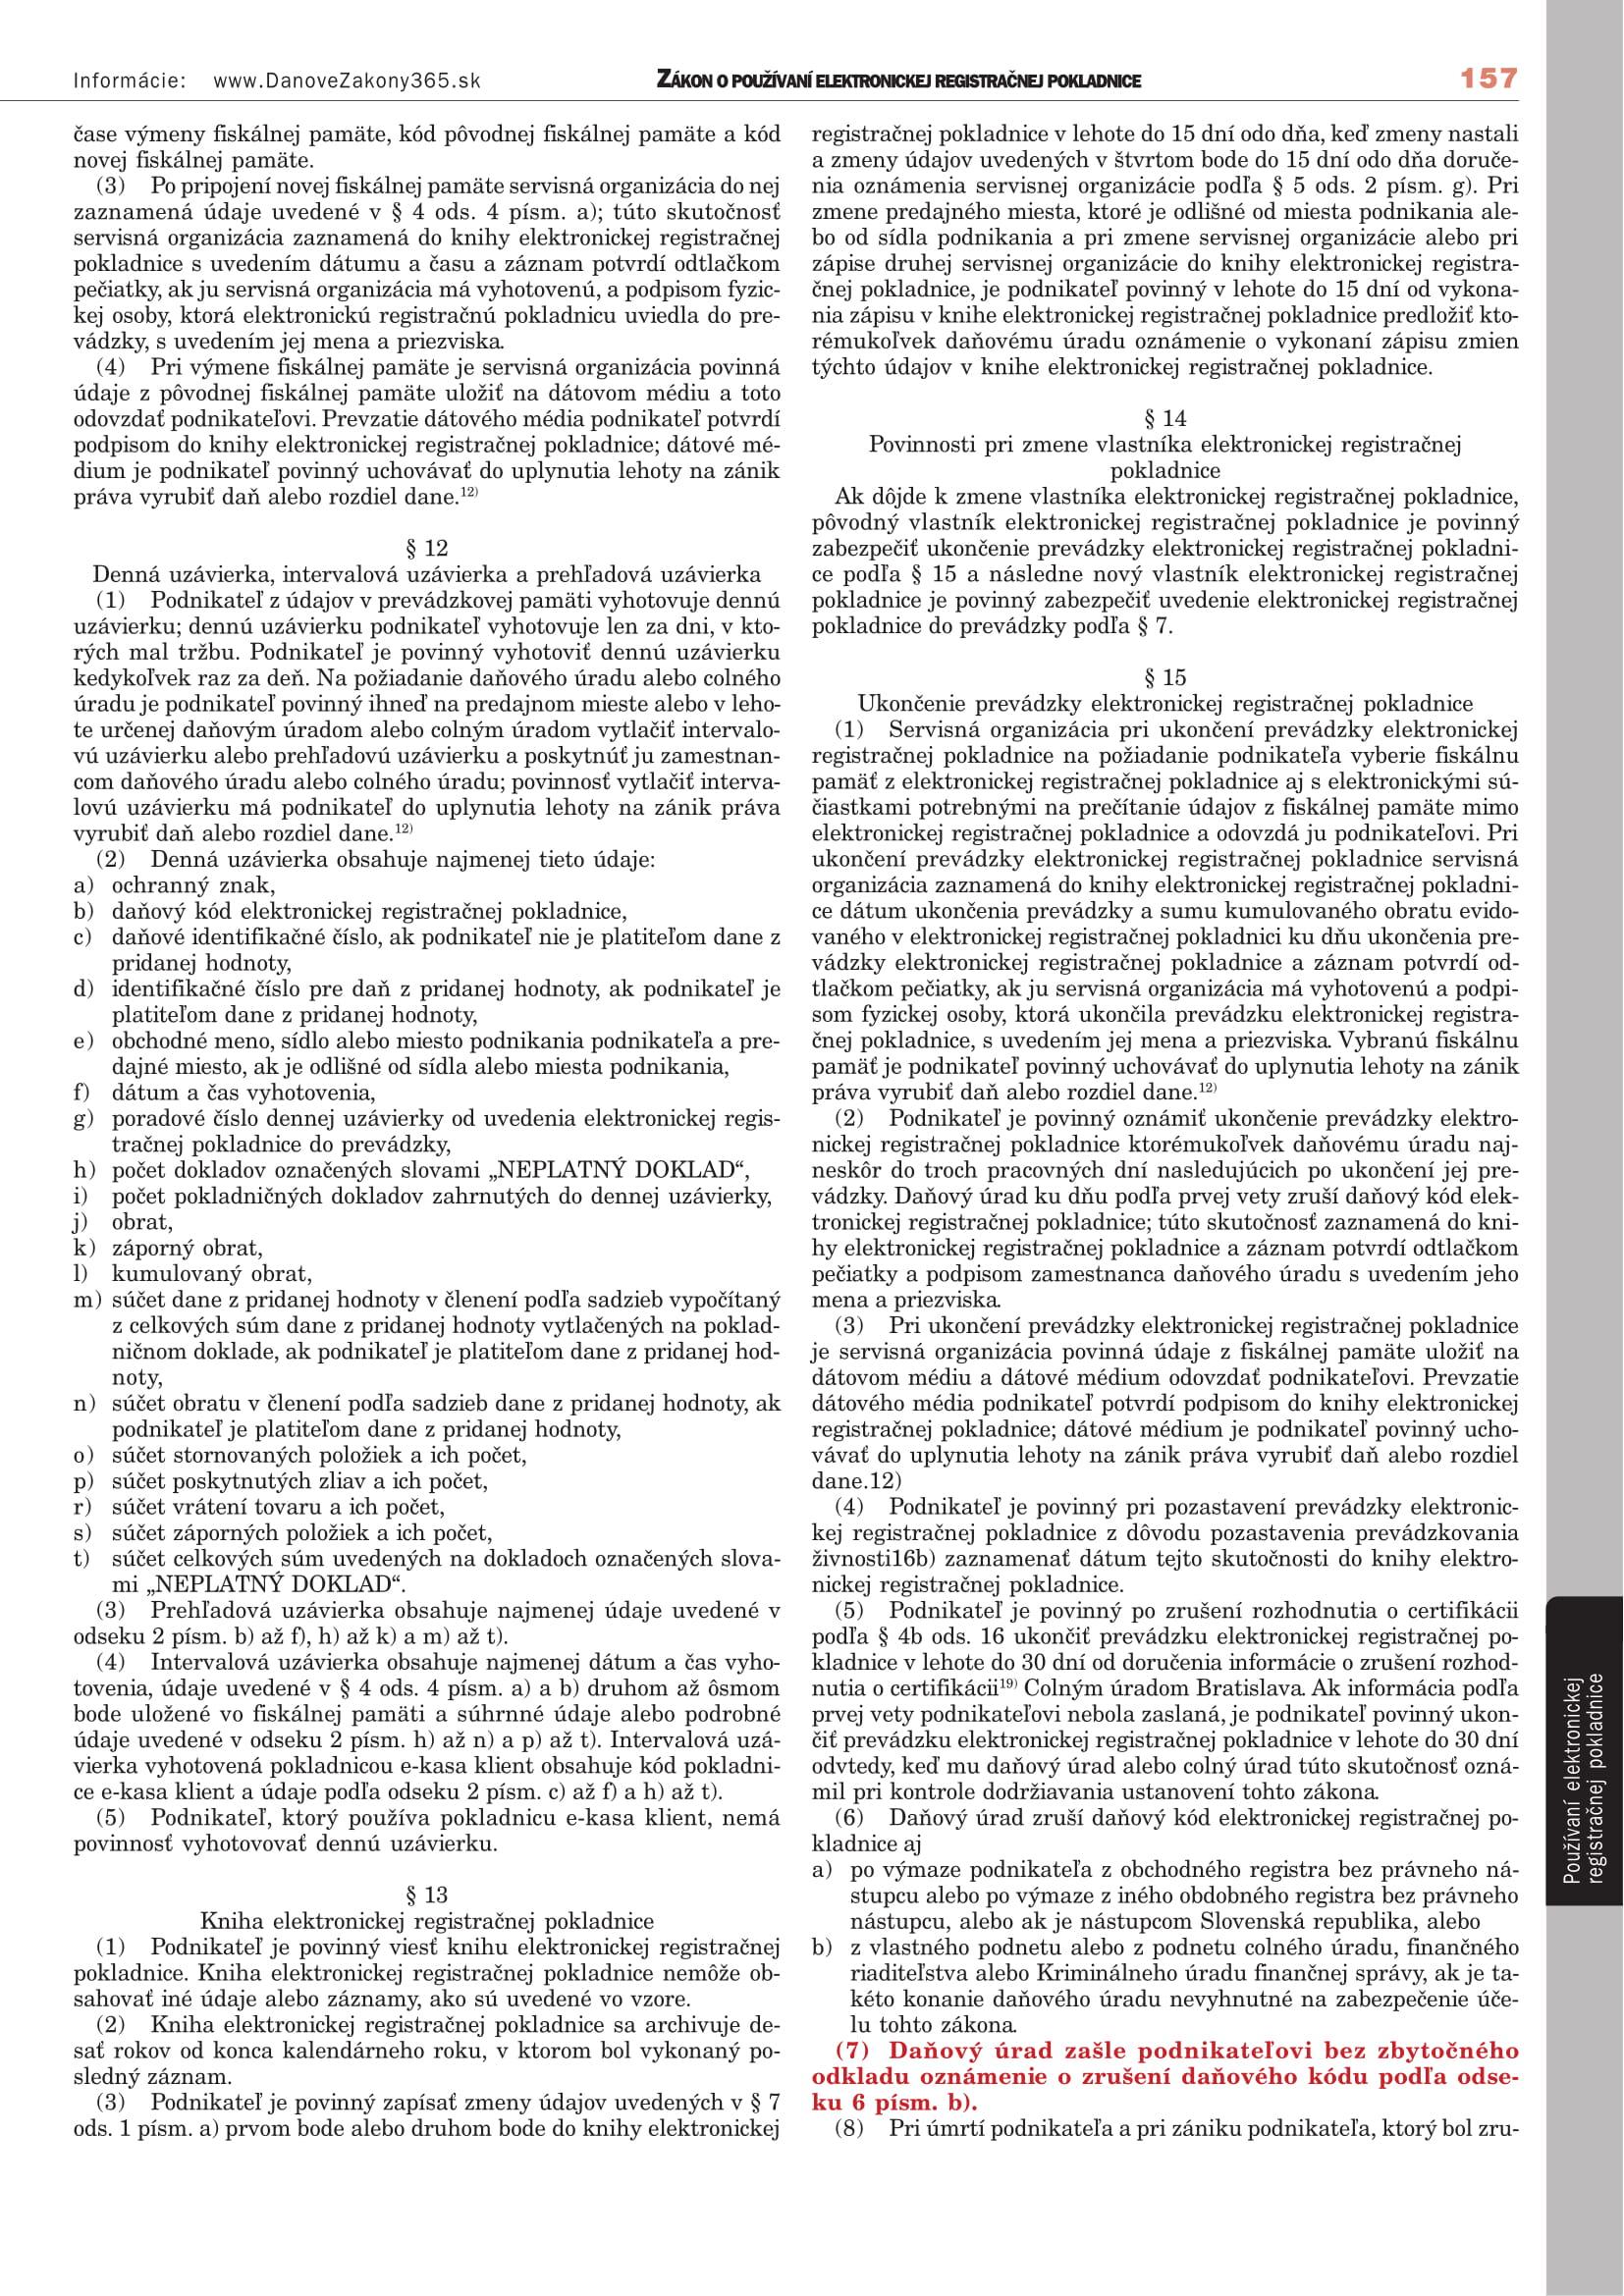 alto_zakon_o_registracnych_pokladniach_2019_po_jednej_stranane-12